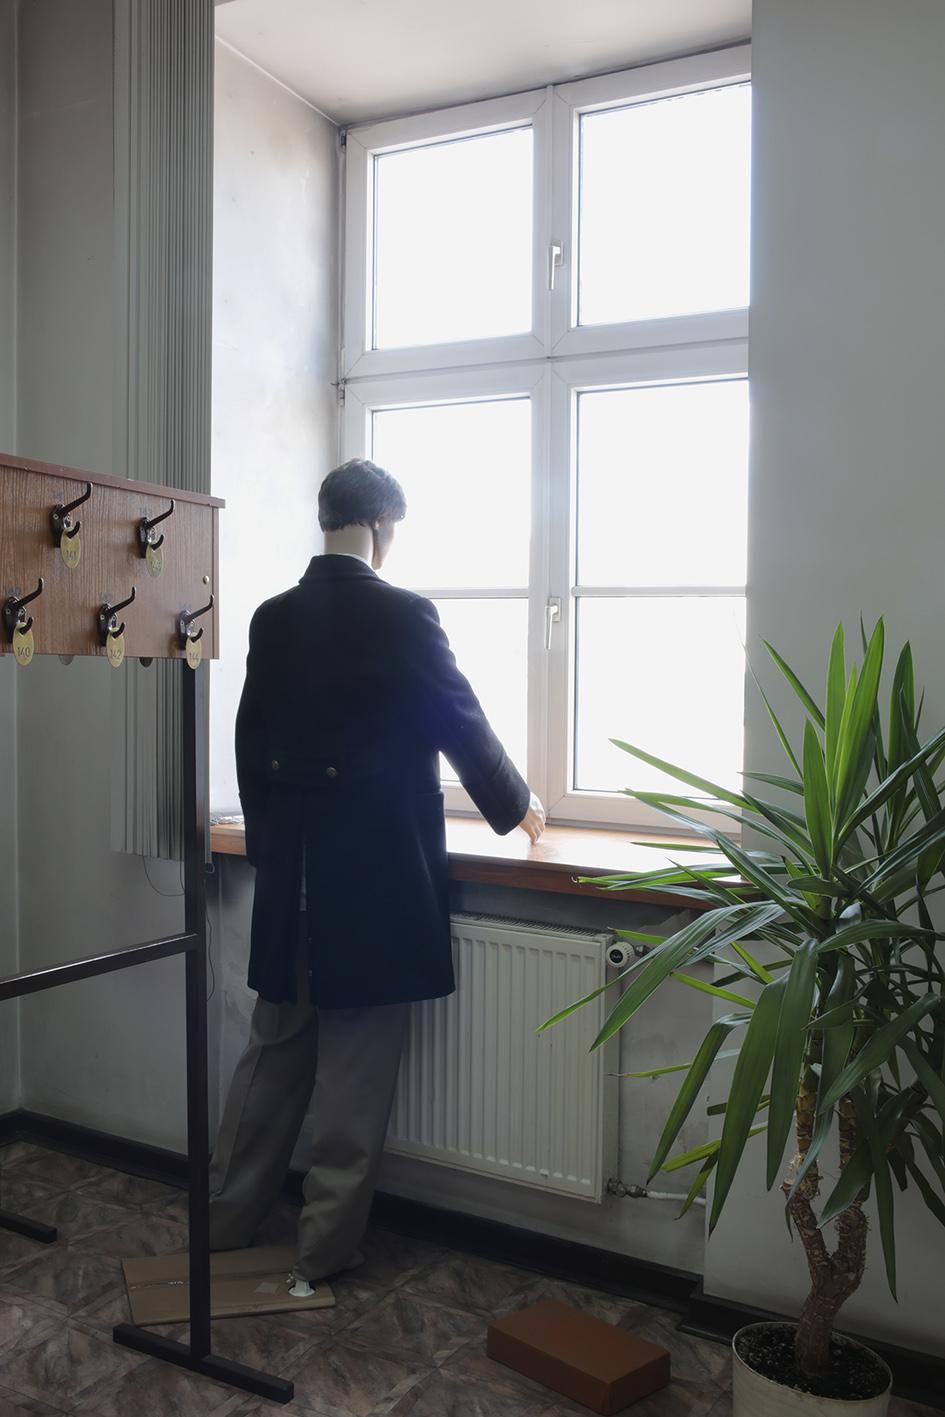 Wiktor Polak, Autoportret. Woknie Muzeum Archeologicznego iEtnograficznego stoi manekin nieco podobny domnie, odczasu doczasu zamieniam się znim miejscami. Przechodnie nazewnątrz widzą manekina wyglądającego jak człowiek lub mnie wyglądającego trochę jak manekin, technika własna, 2016, fot.Agnieszka Chojnacka